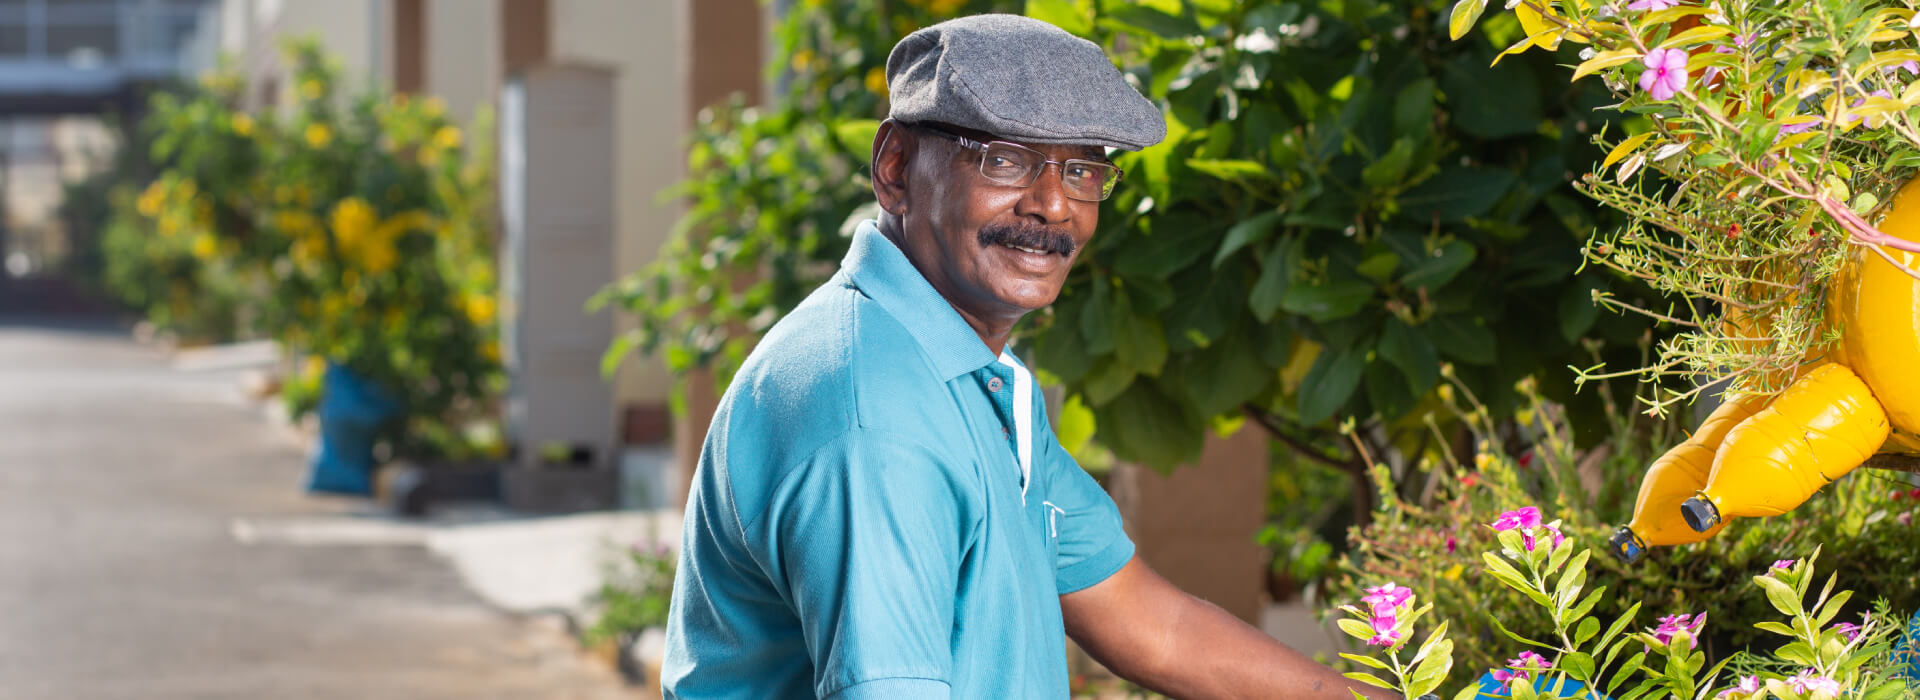 Mr. Murugesan, a resident of Serene Kshetra